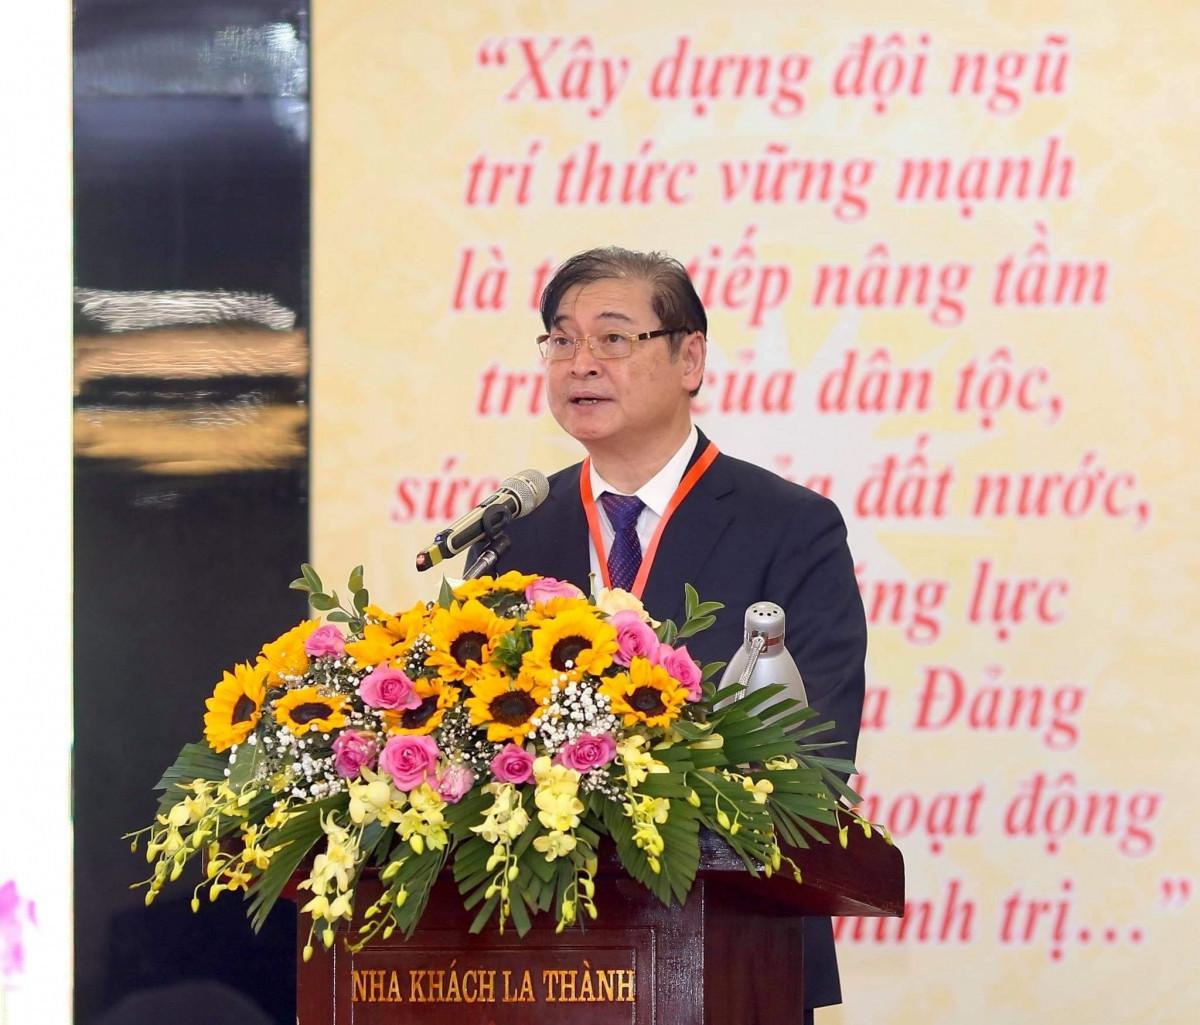 Tiến sĩ Phan Xuân Dũng trở thành Tân Chủ tịch Liên hiệp Hội Việt Nam.